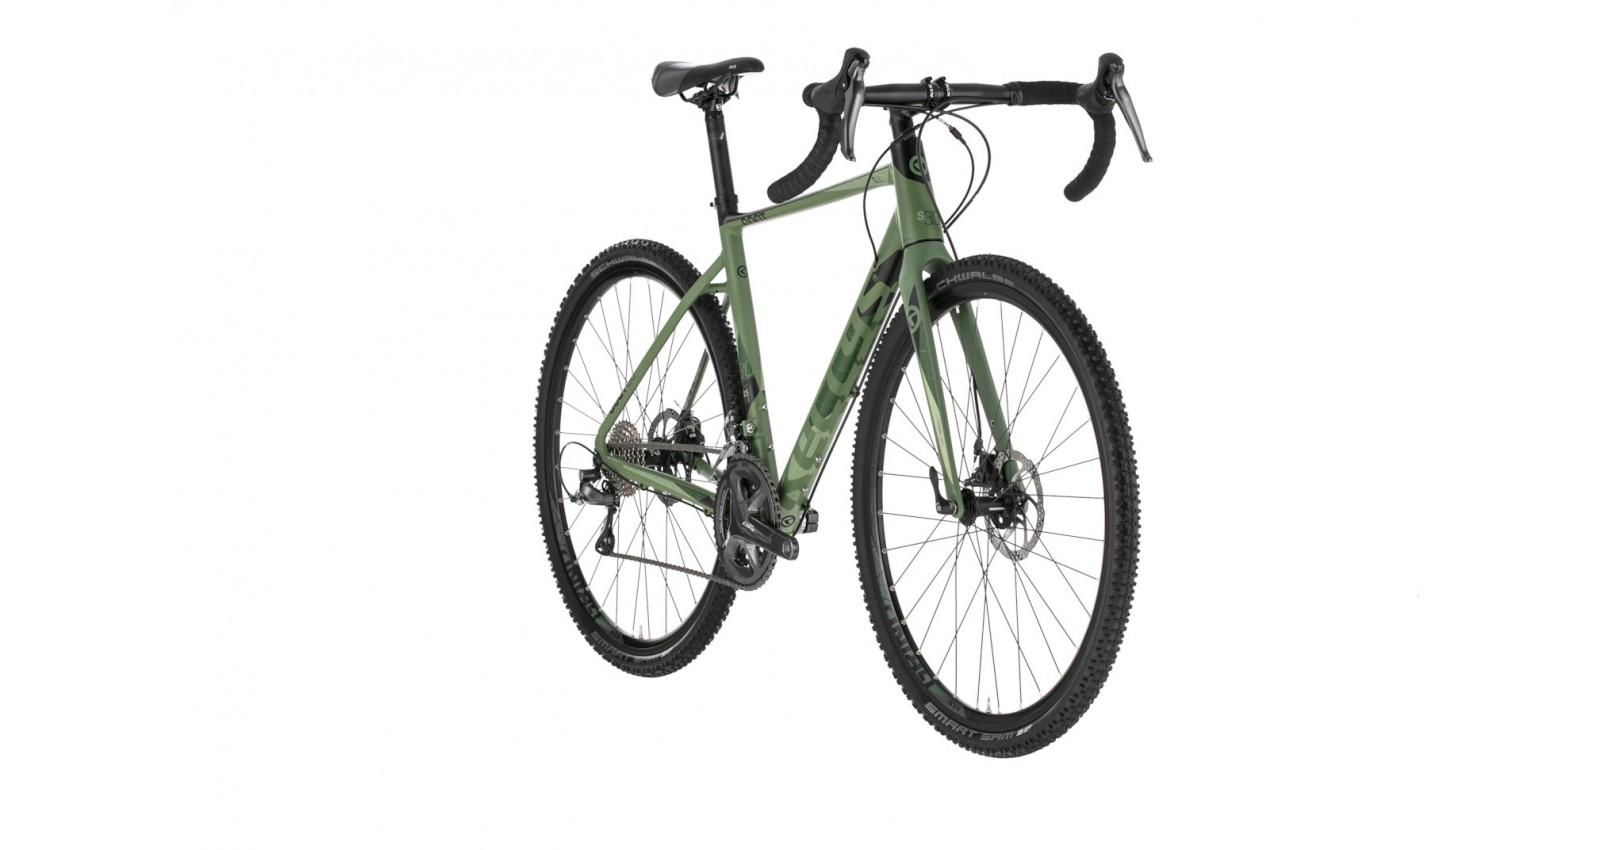 """Велосипед Kellys Soot 30 28"""" Green L - № Фото 1 - № Фото 2 - № Фото 3"""